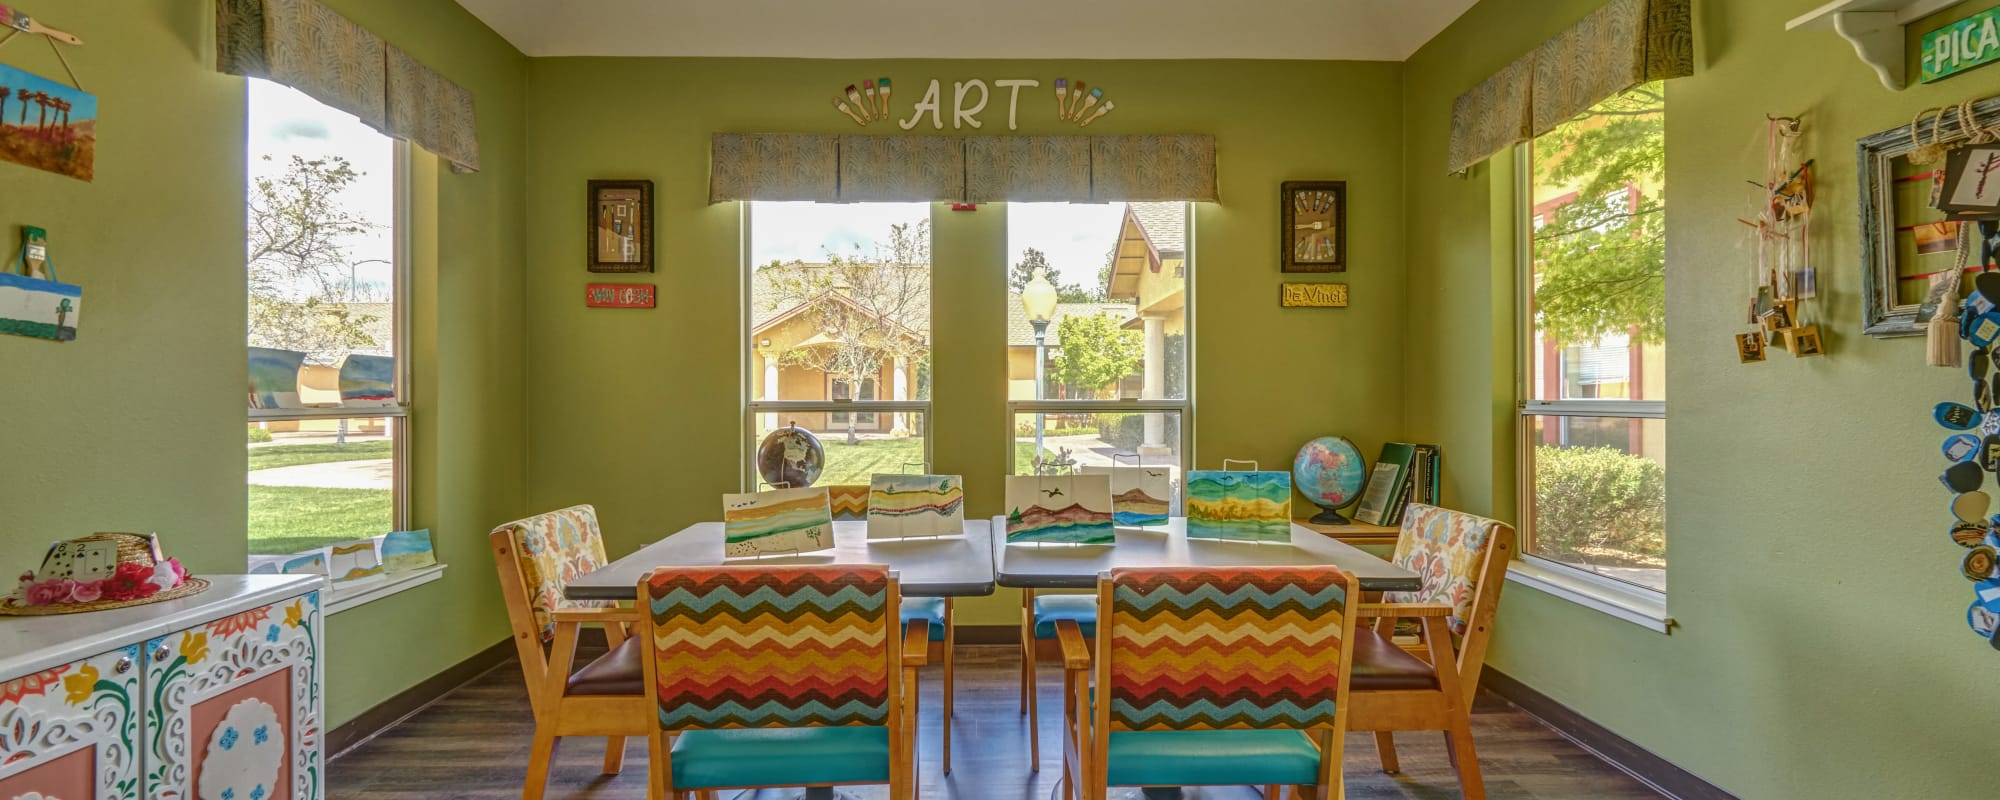 Dining area at MuirWoods Memory Care in Petaluma, California